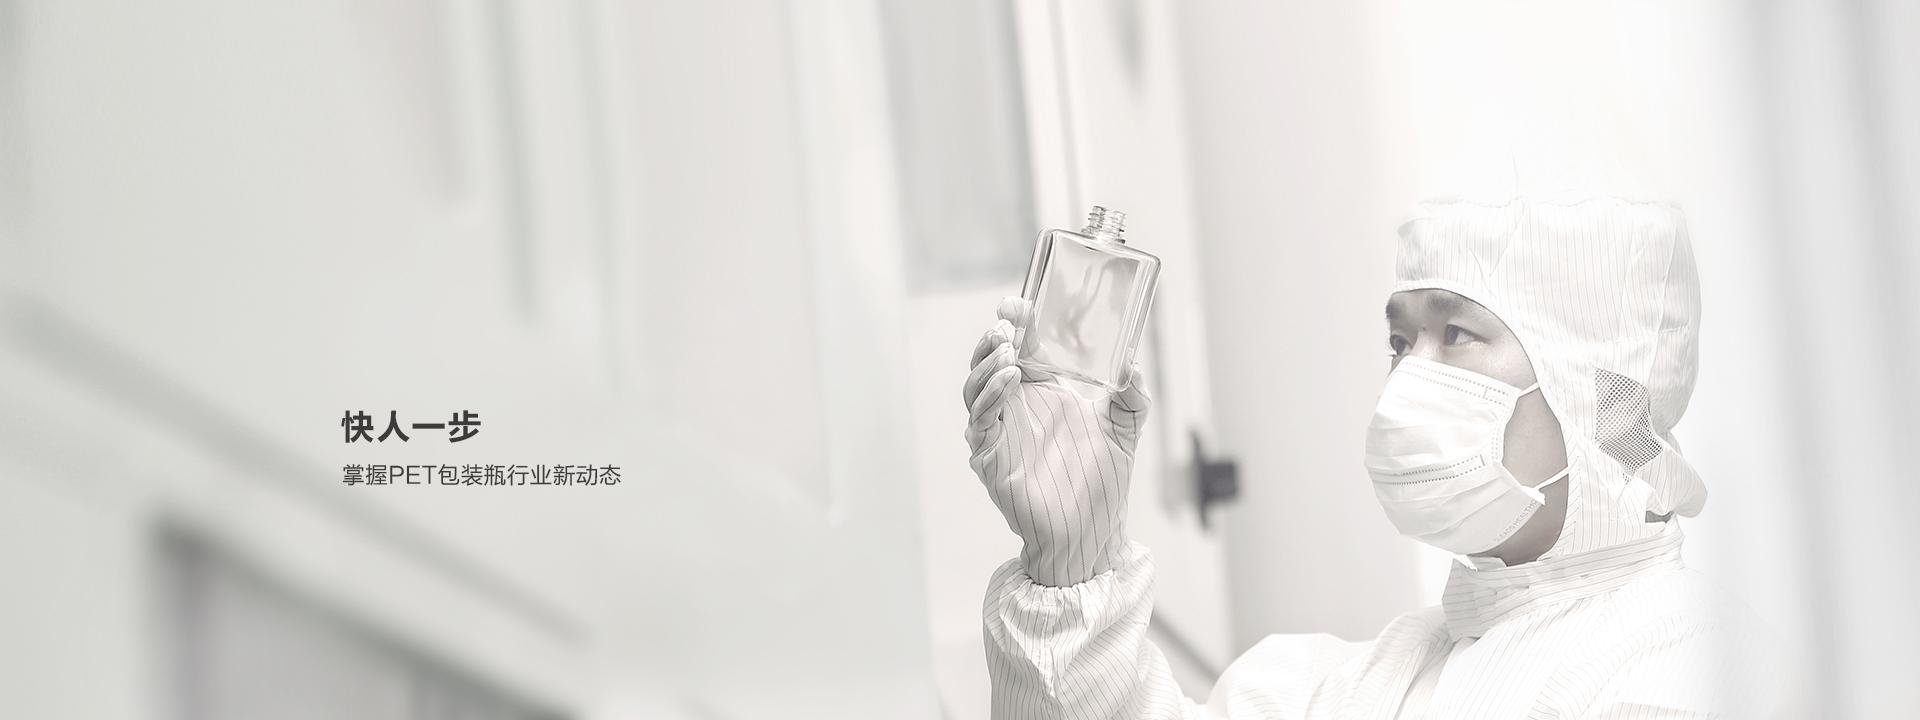 杰丽斯-快人一步 掌握PET包装瓶行业新动态